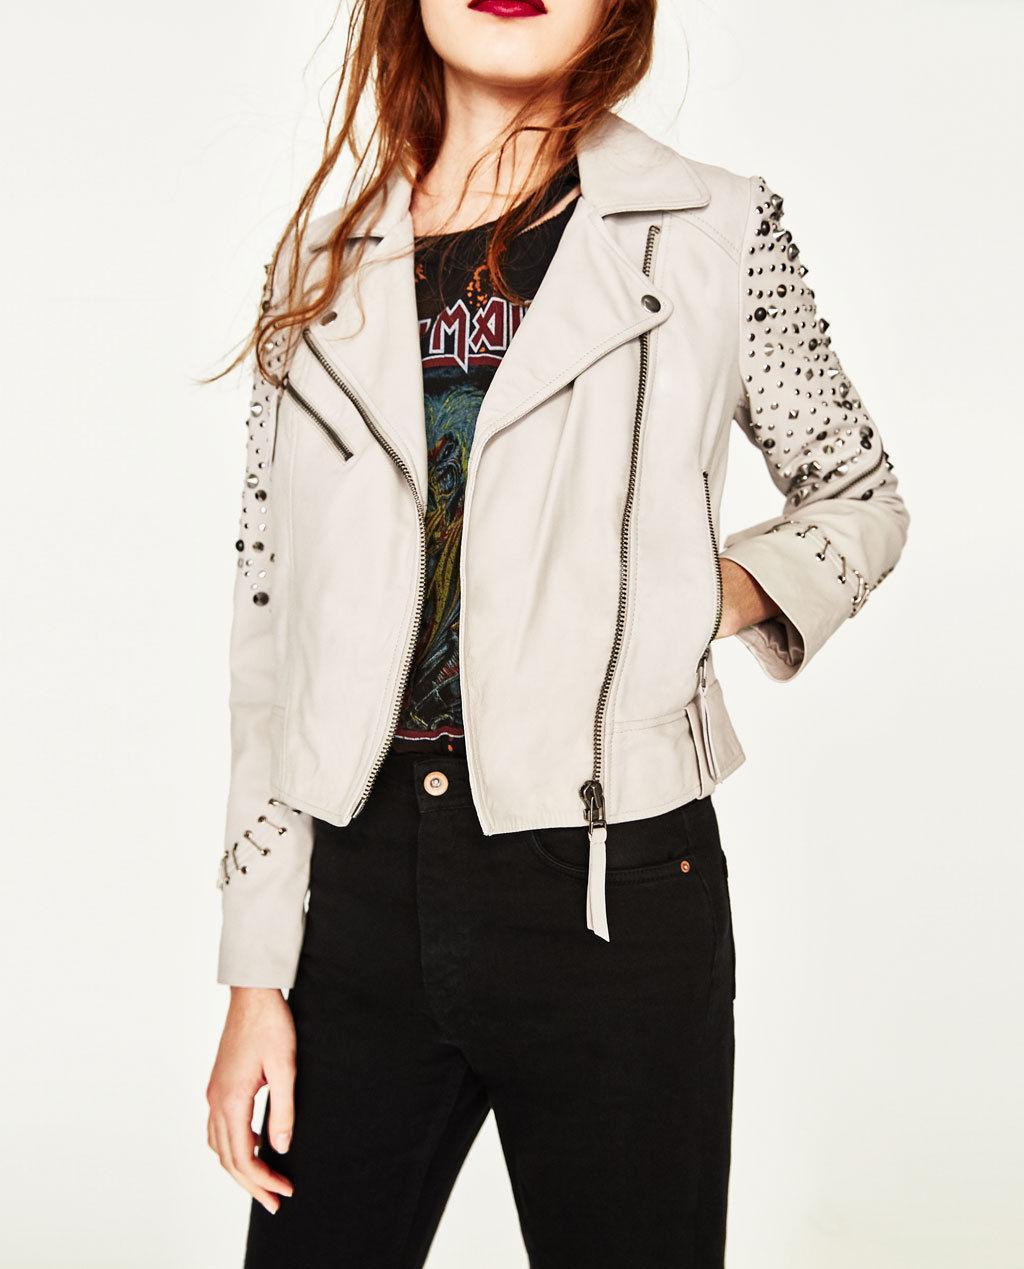 b2f17502da Nová dámska kožená bunda zara s jedinečným dizajno